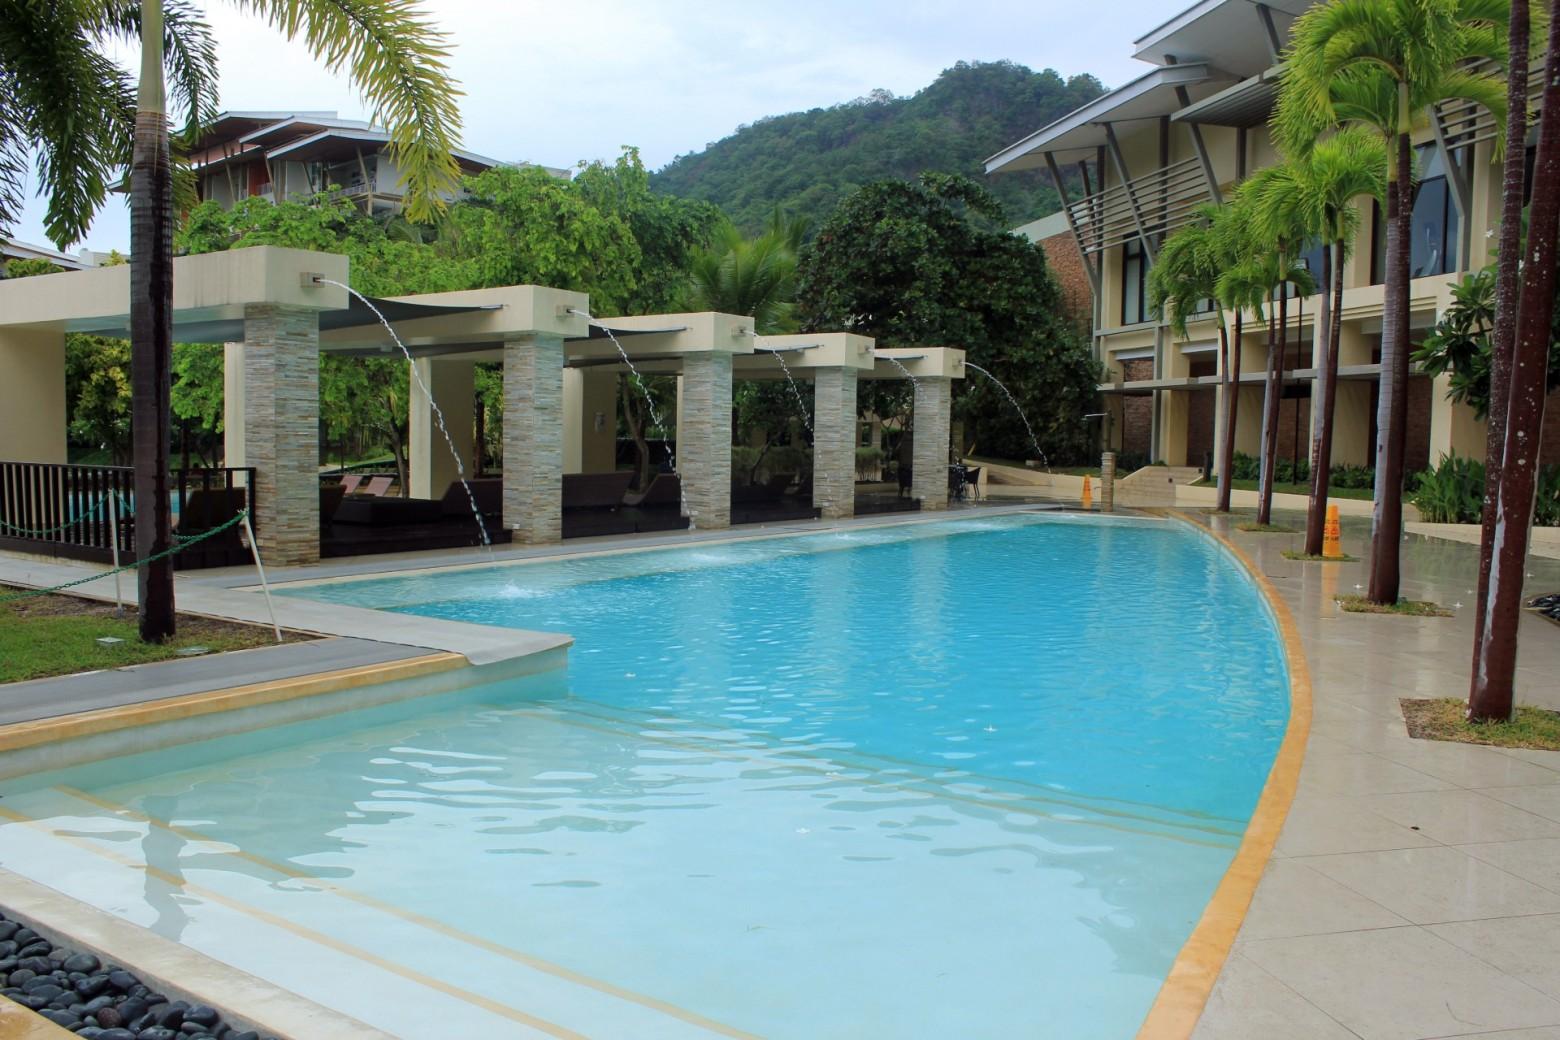 piscine avec jet d eau images photos gratuites images. Black Bedroom Furniture Sets. Home Design Ideas